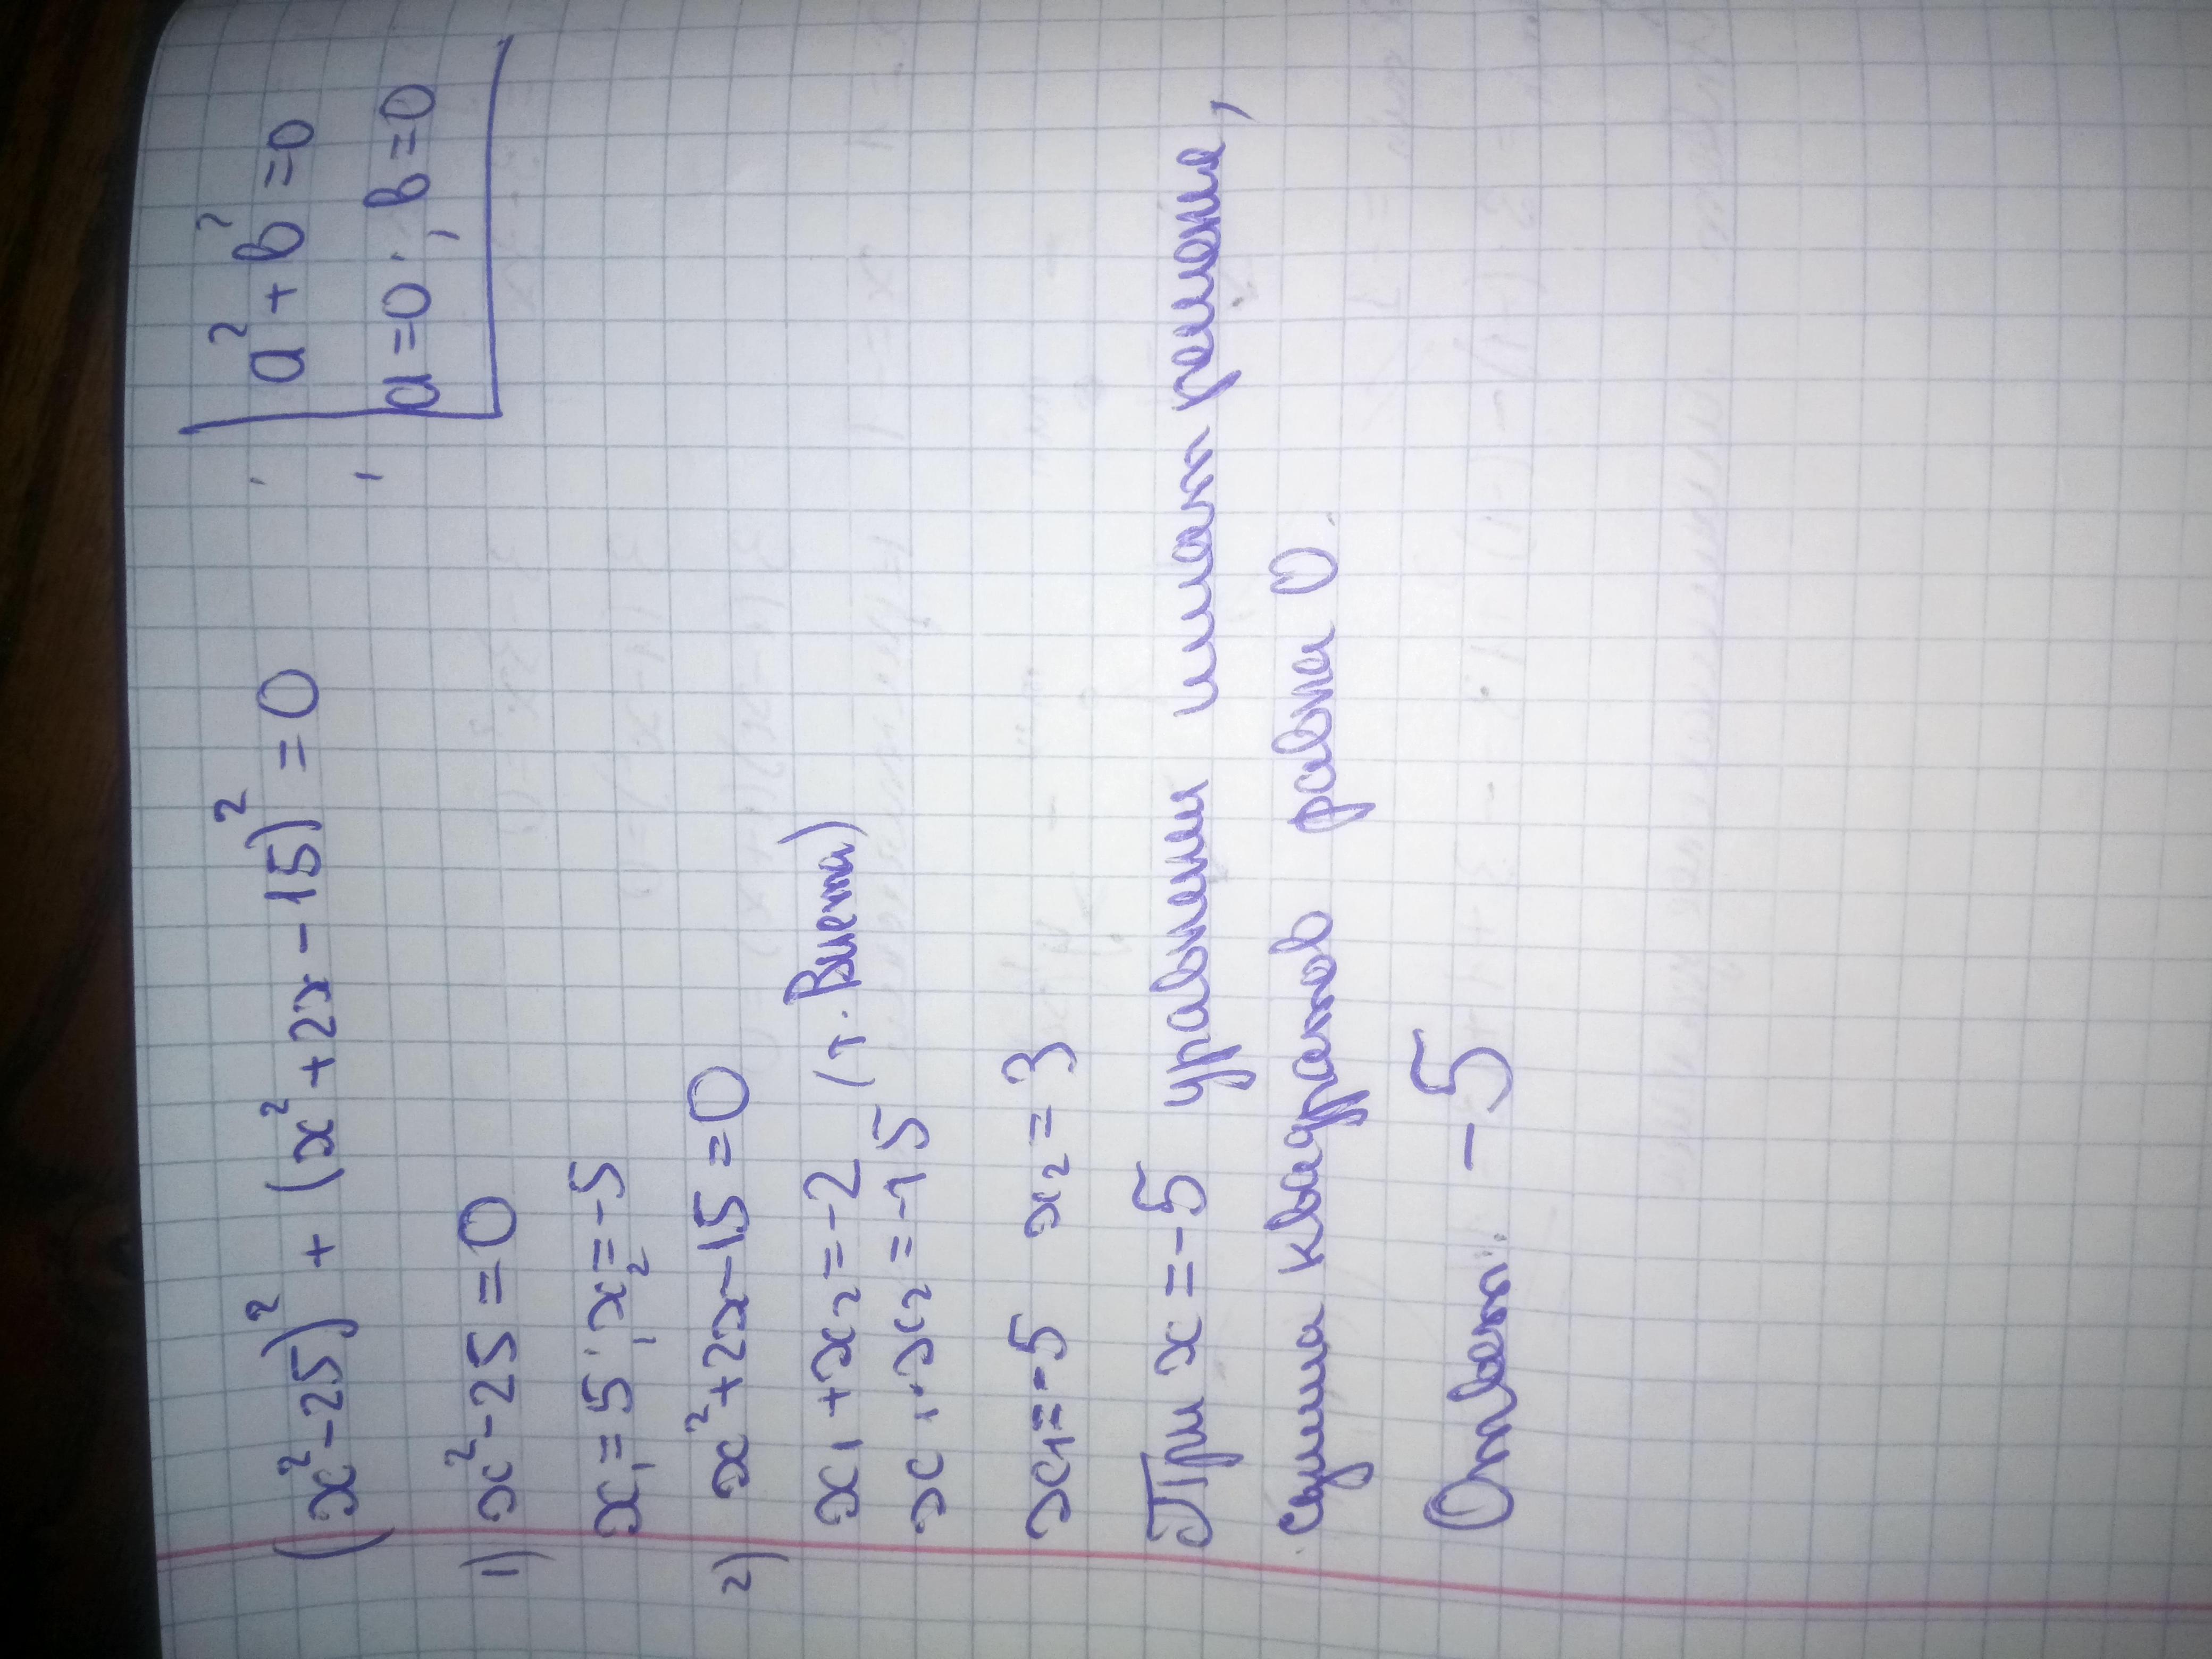 Решите уравнение,, пожалуйста